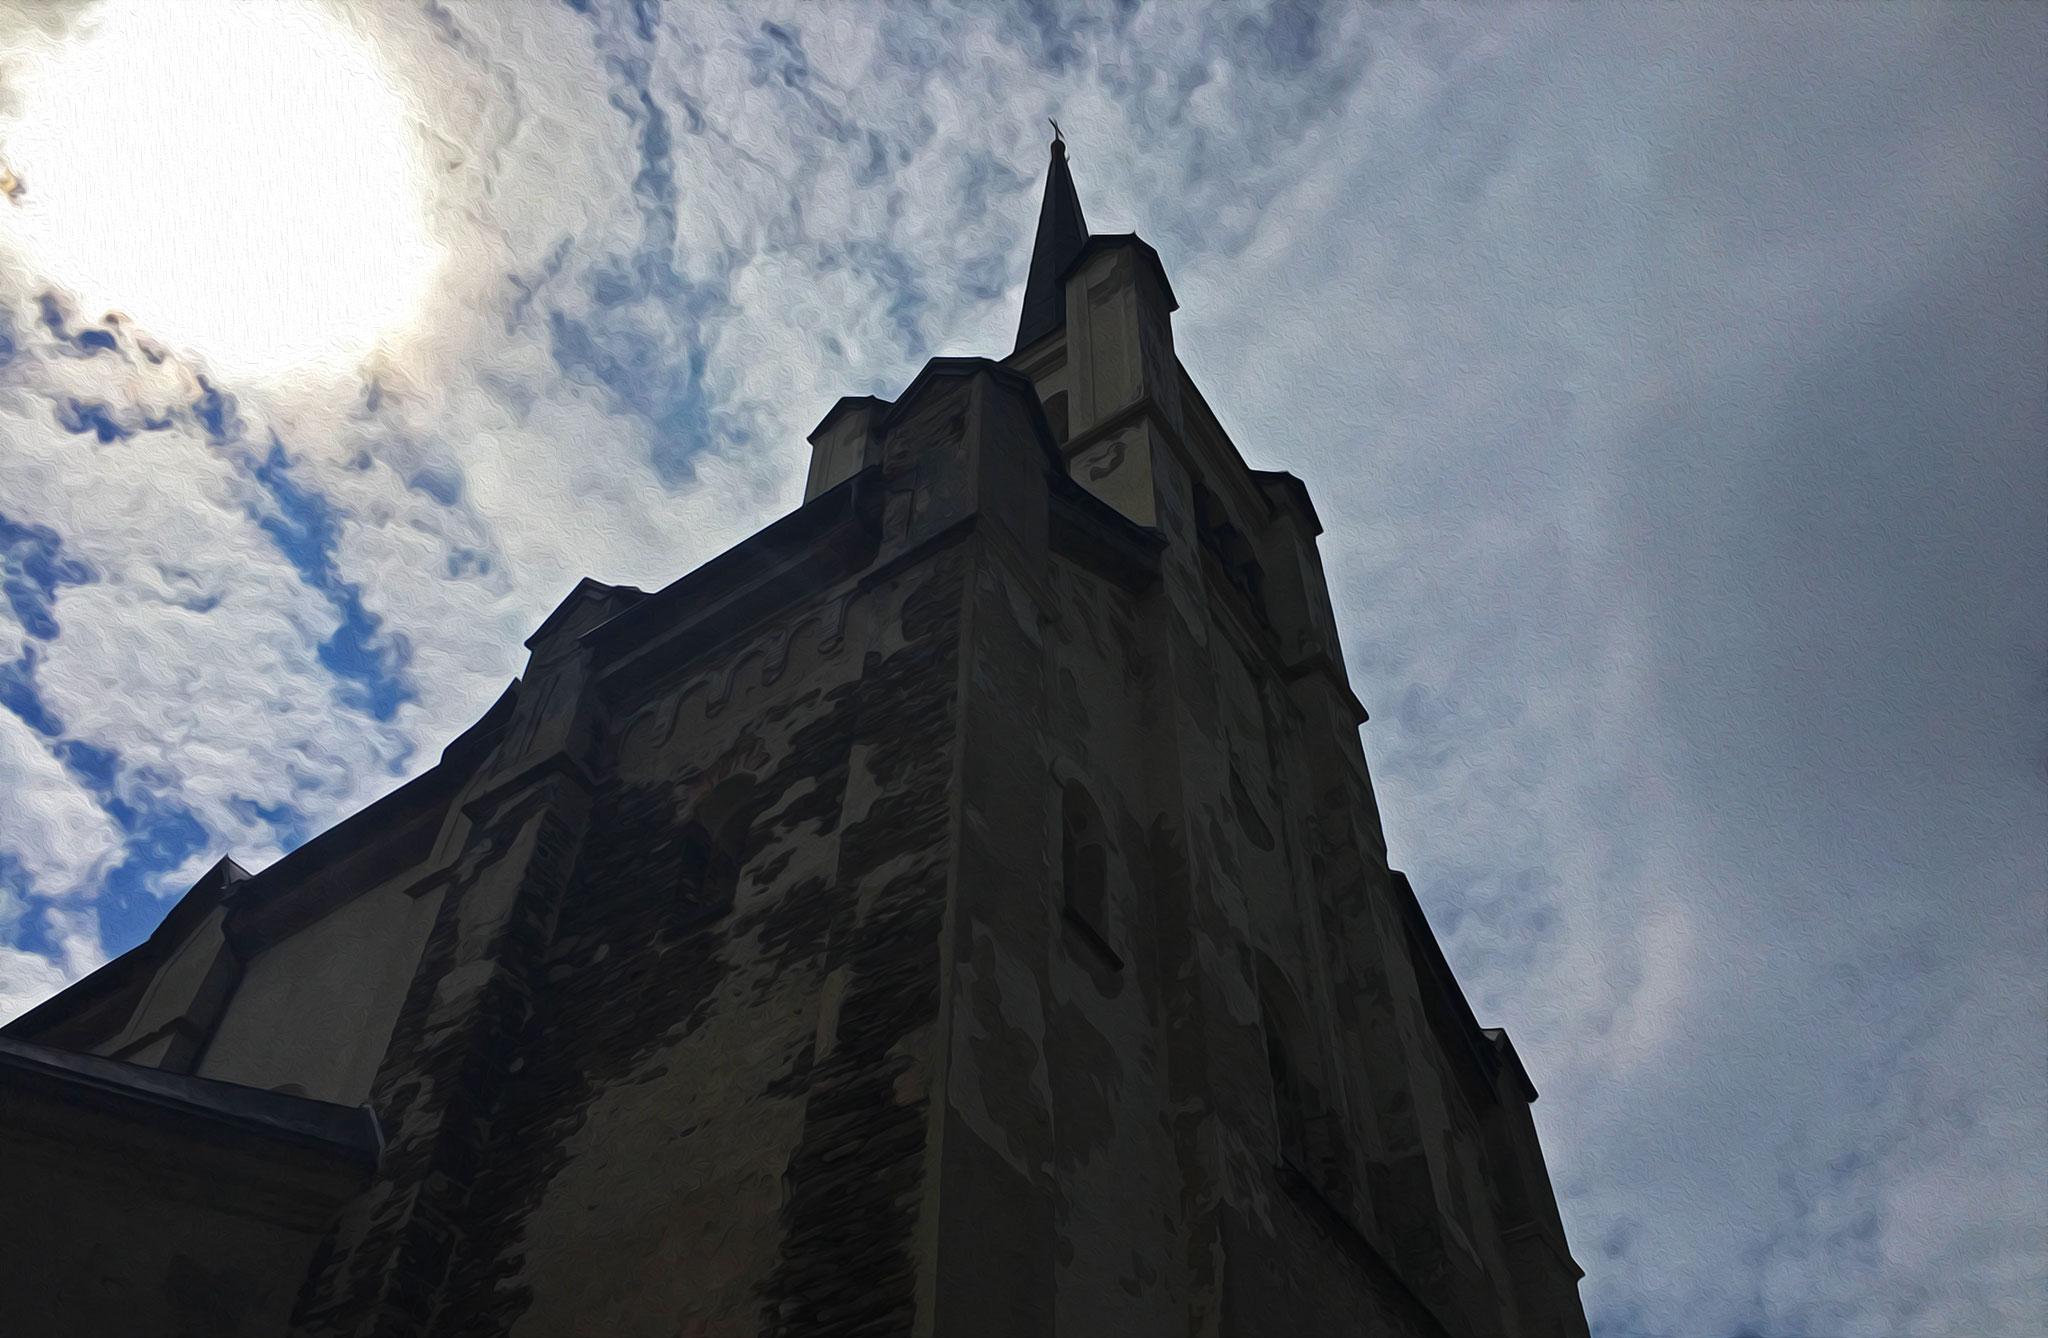 Kostel svatého Václava from the 15th century, in the village of Výsluní